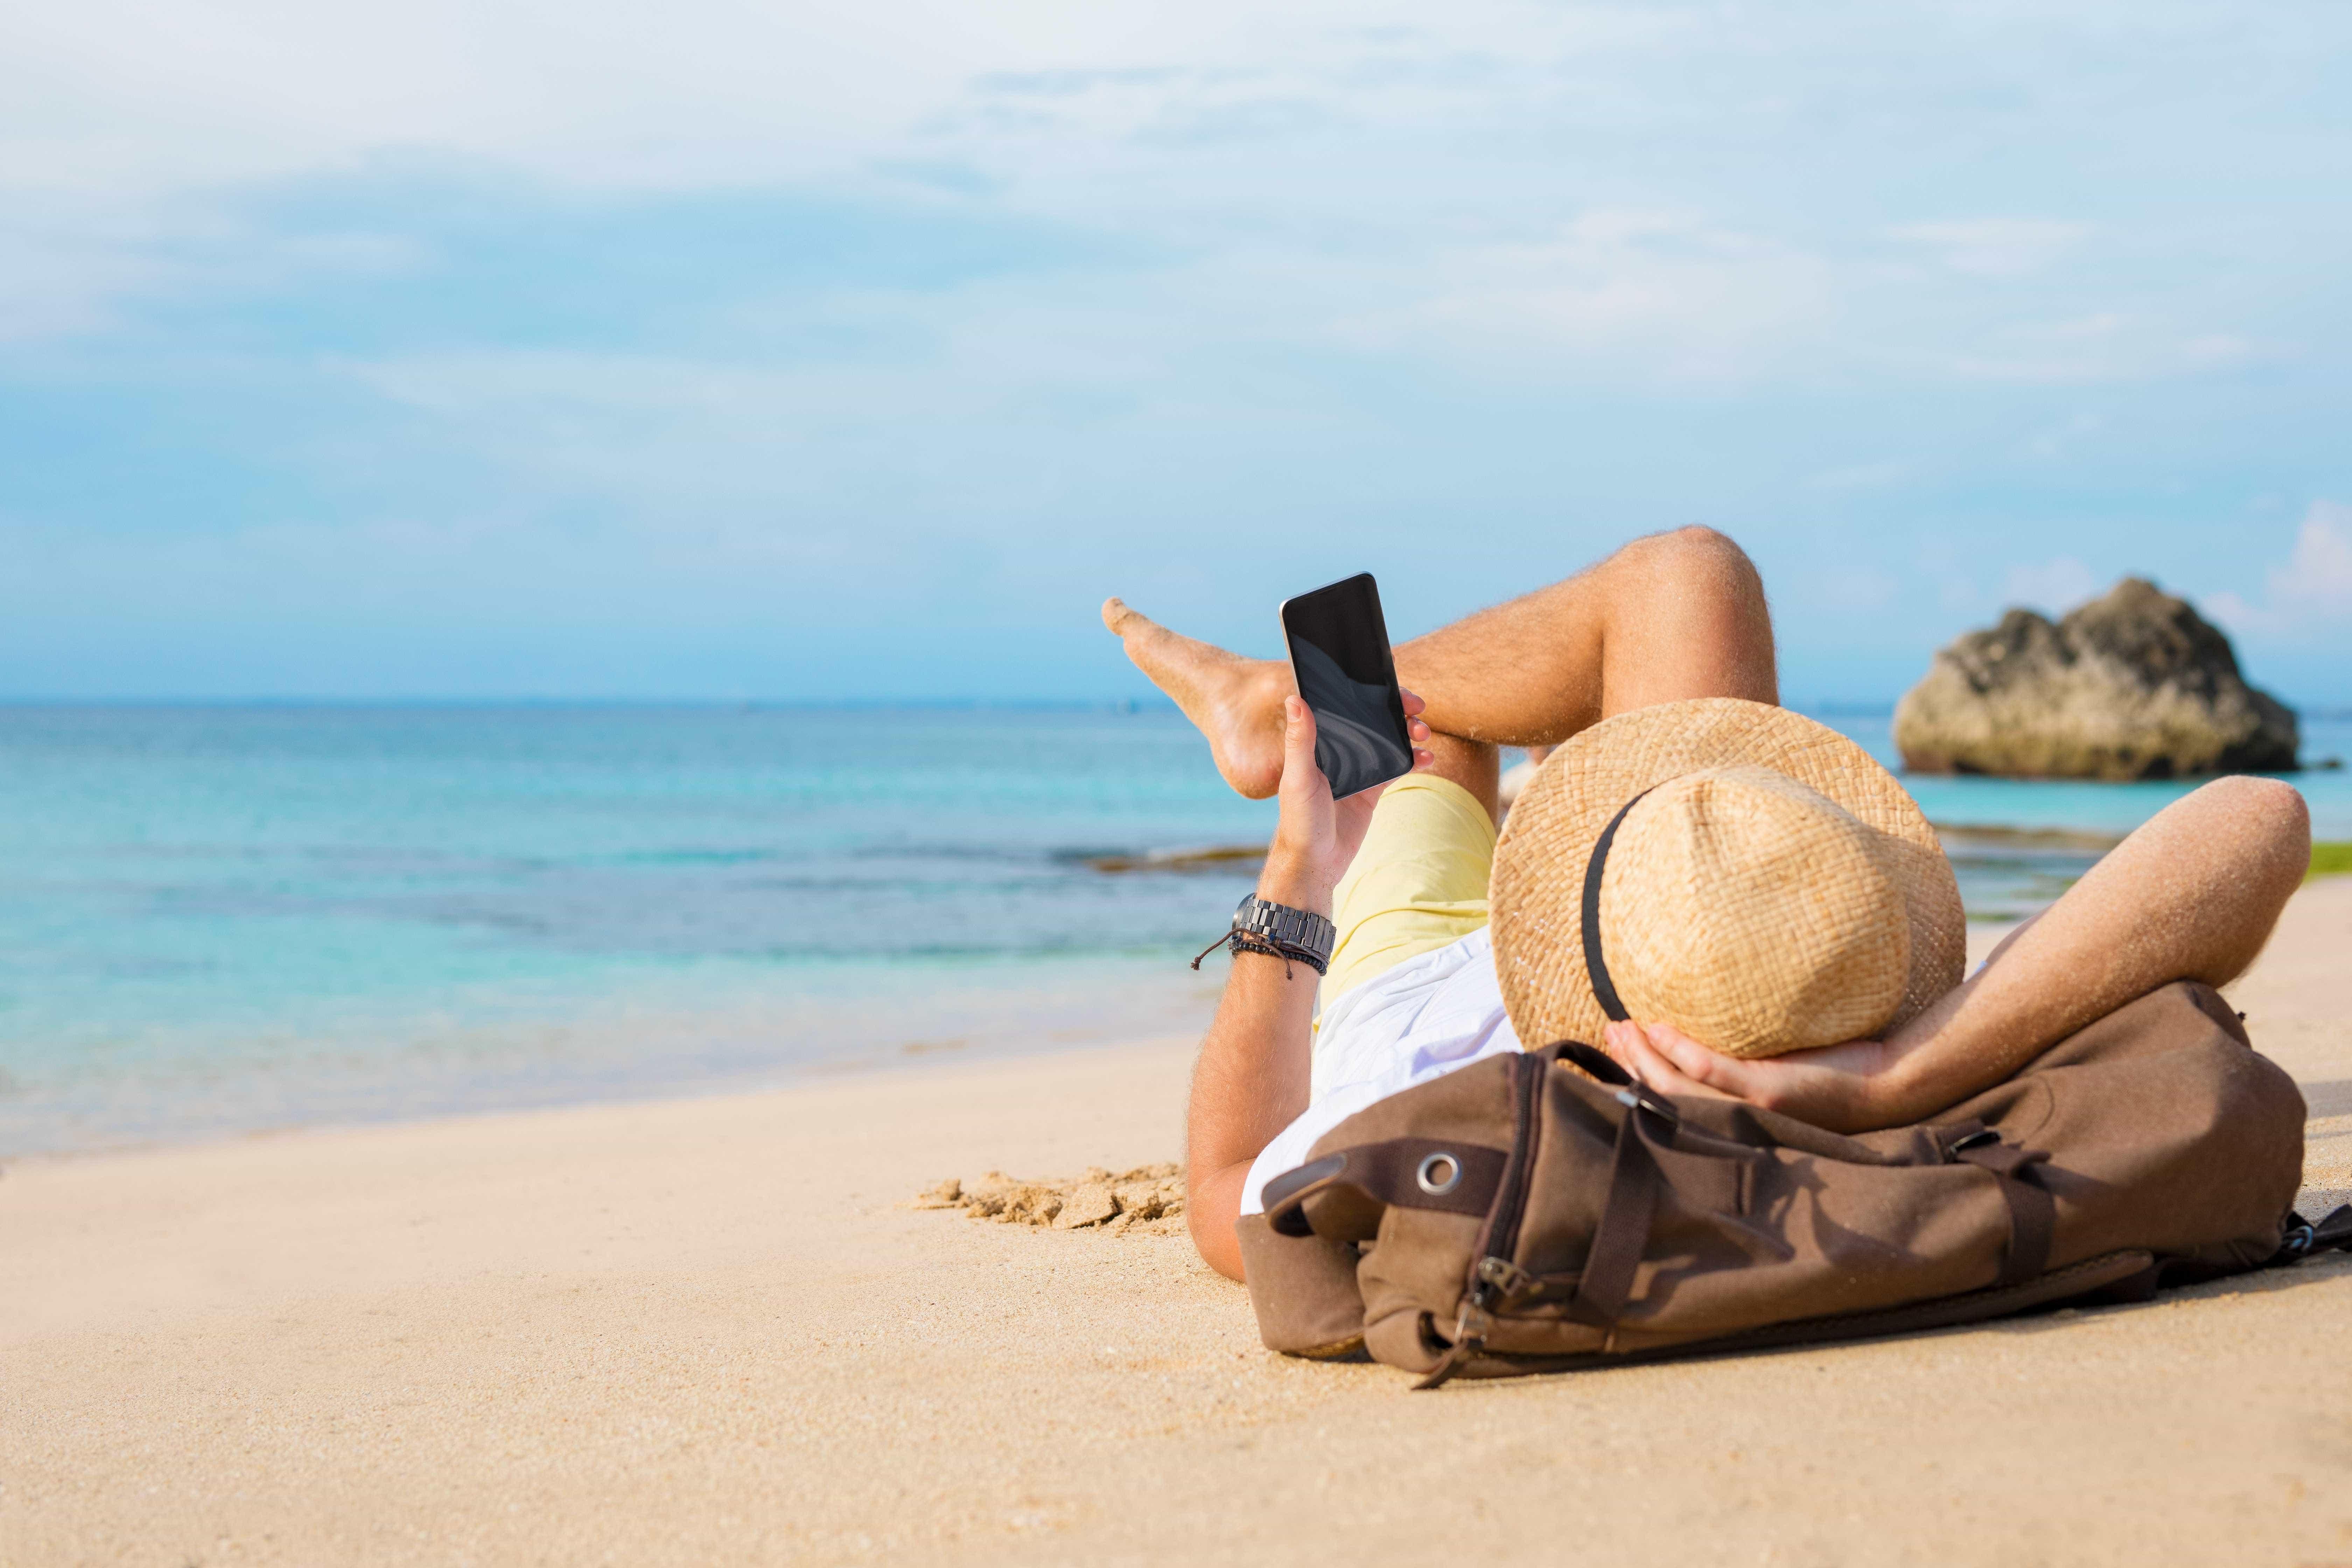 4 cuidados importantes com o seu smartphone neste verão